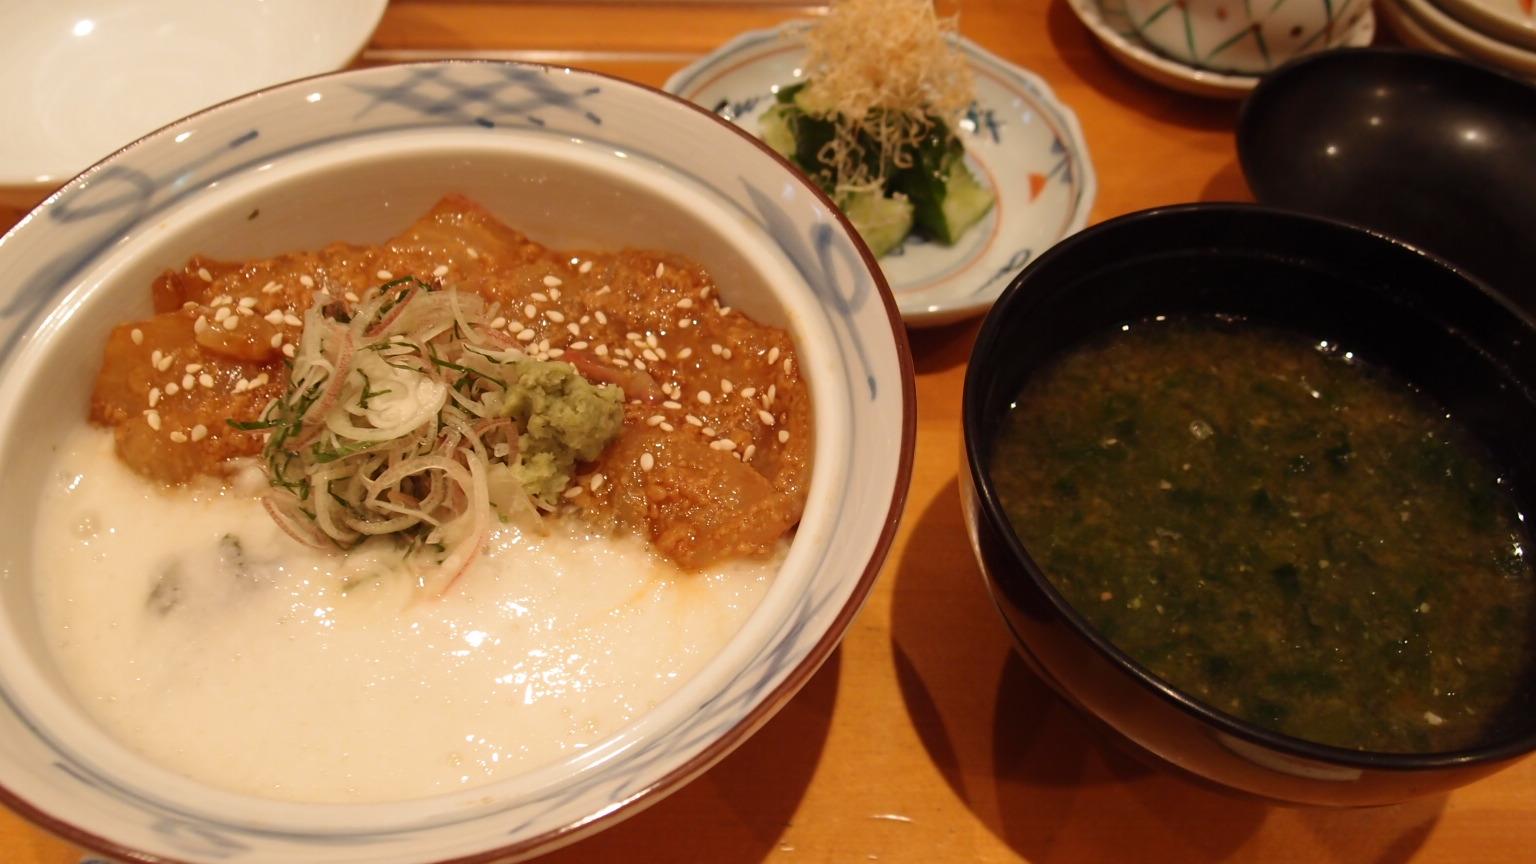 銀座 つばきや 本日の天然魚胡麻醤油山かけ丼